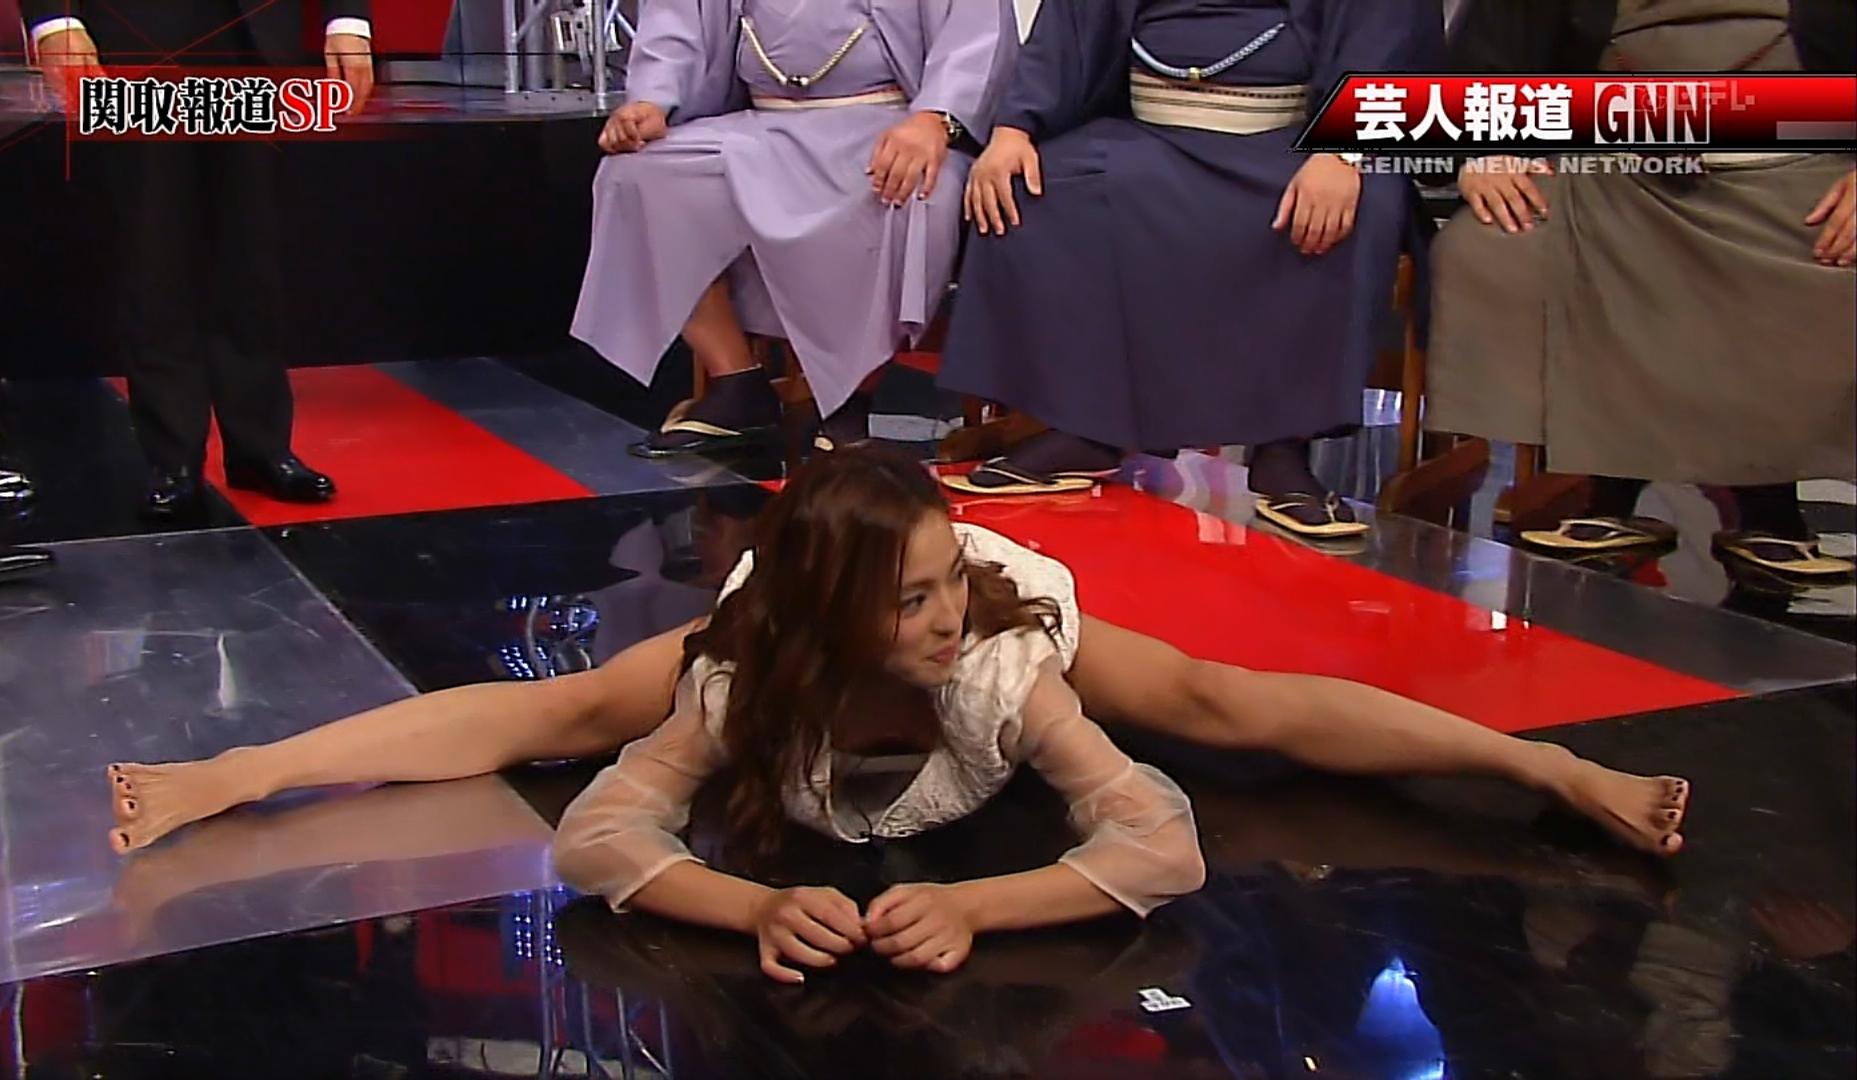 中村アンちゃんのエロキャプ画像14